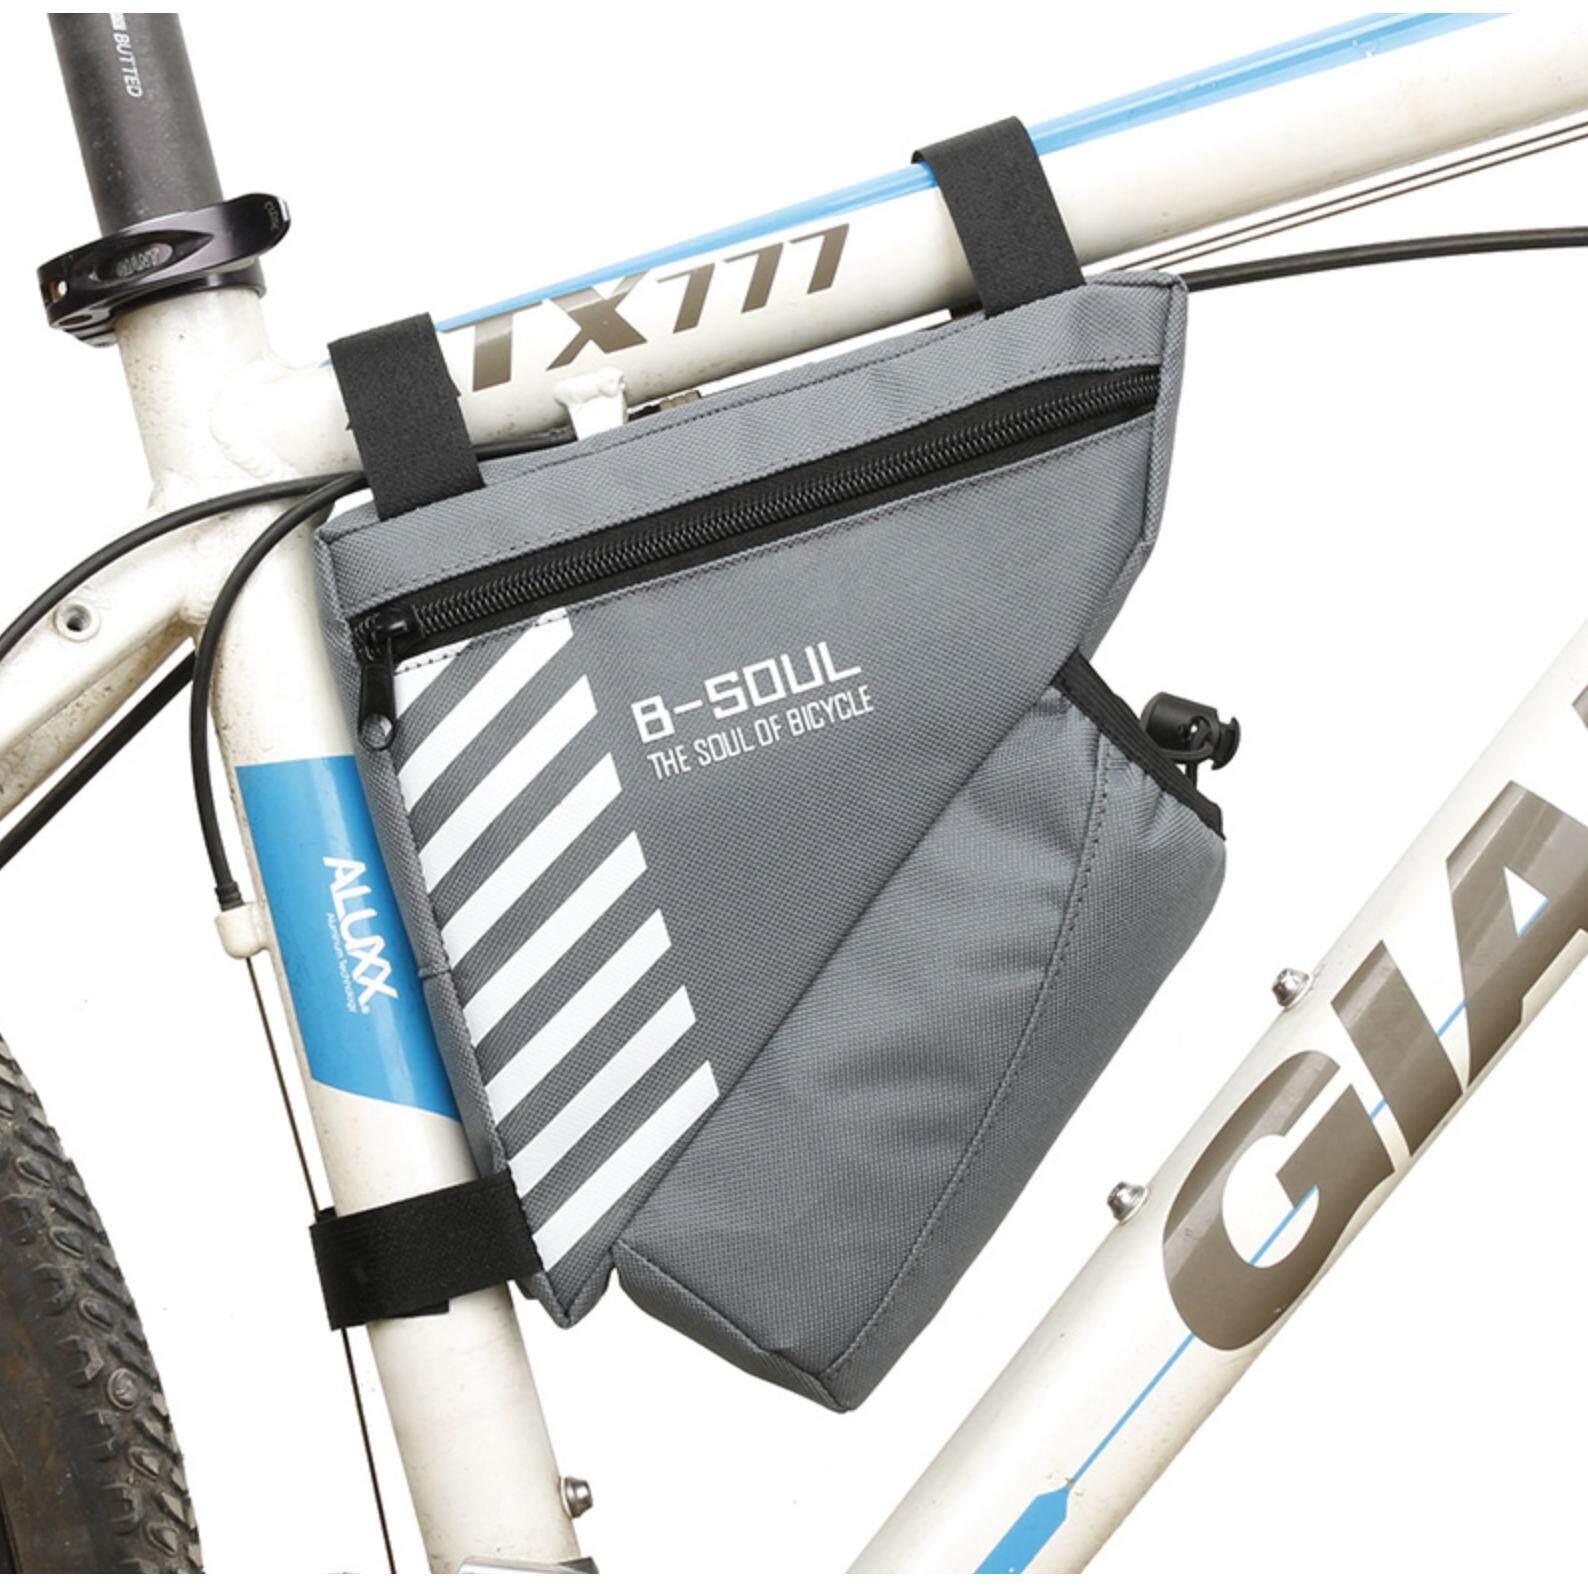 กระเป๋าใต้เฟรมใส่ขวดน้ำ B-Soul By Mj Bike.